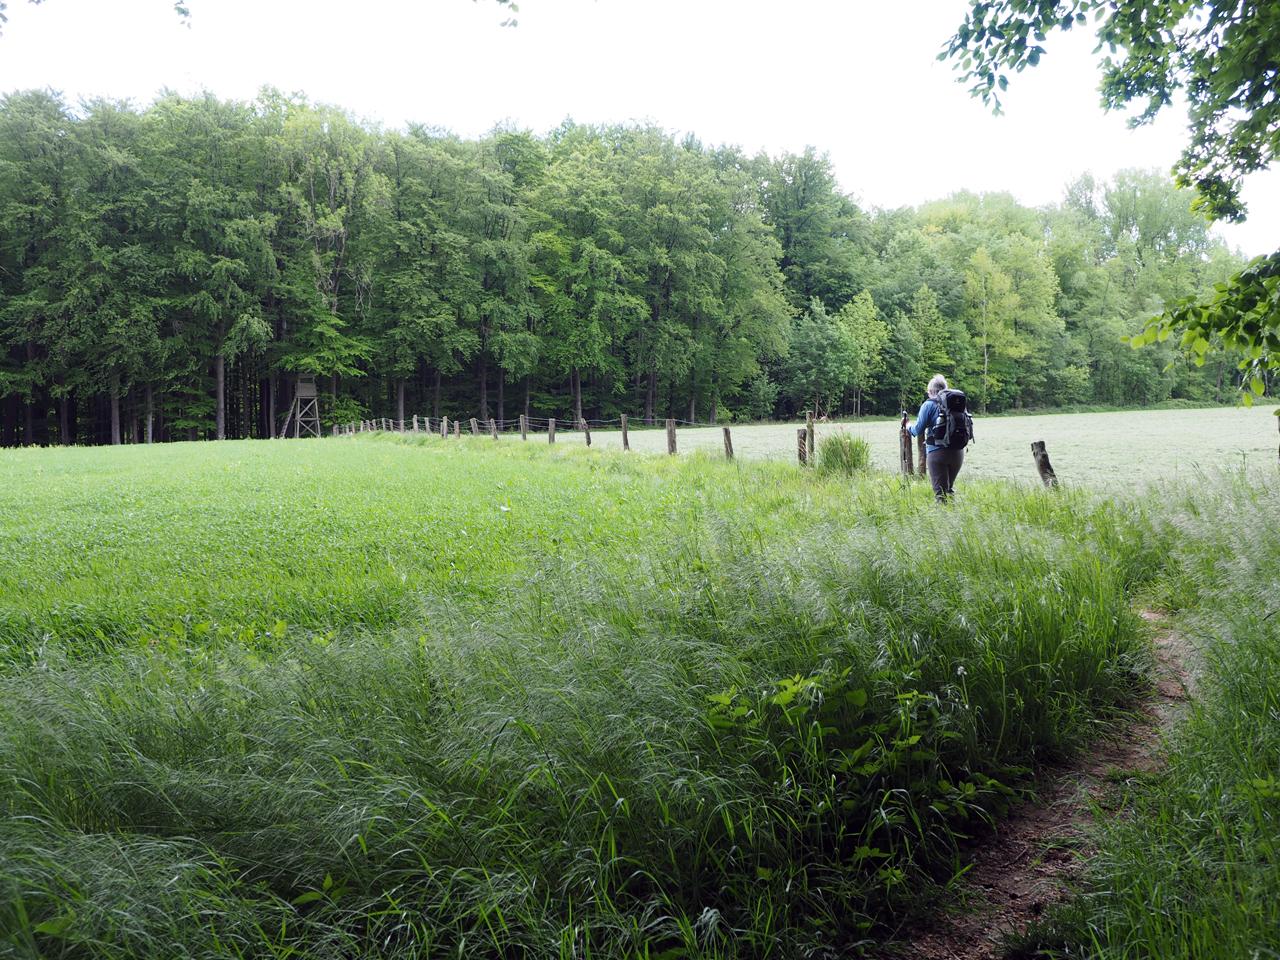 tussen weilanden door naar het bos